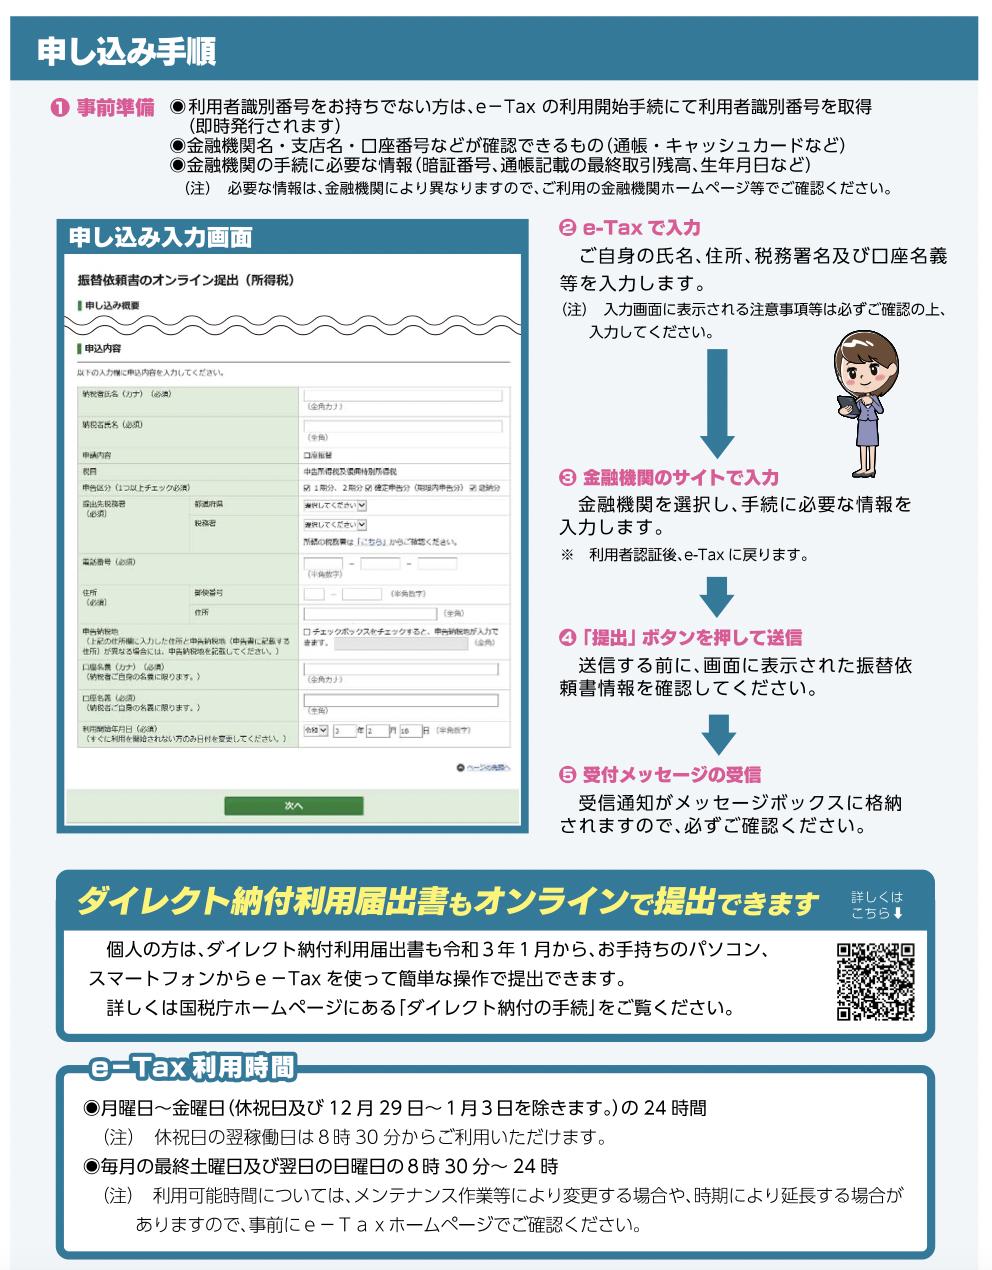 振替依頼書オンライン002